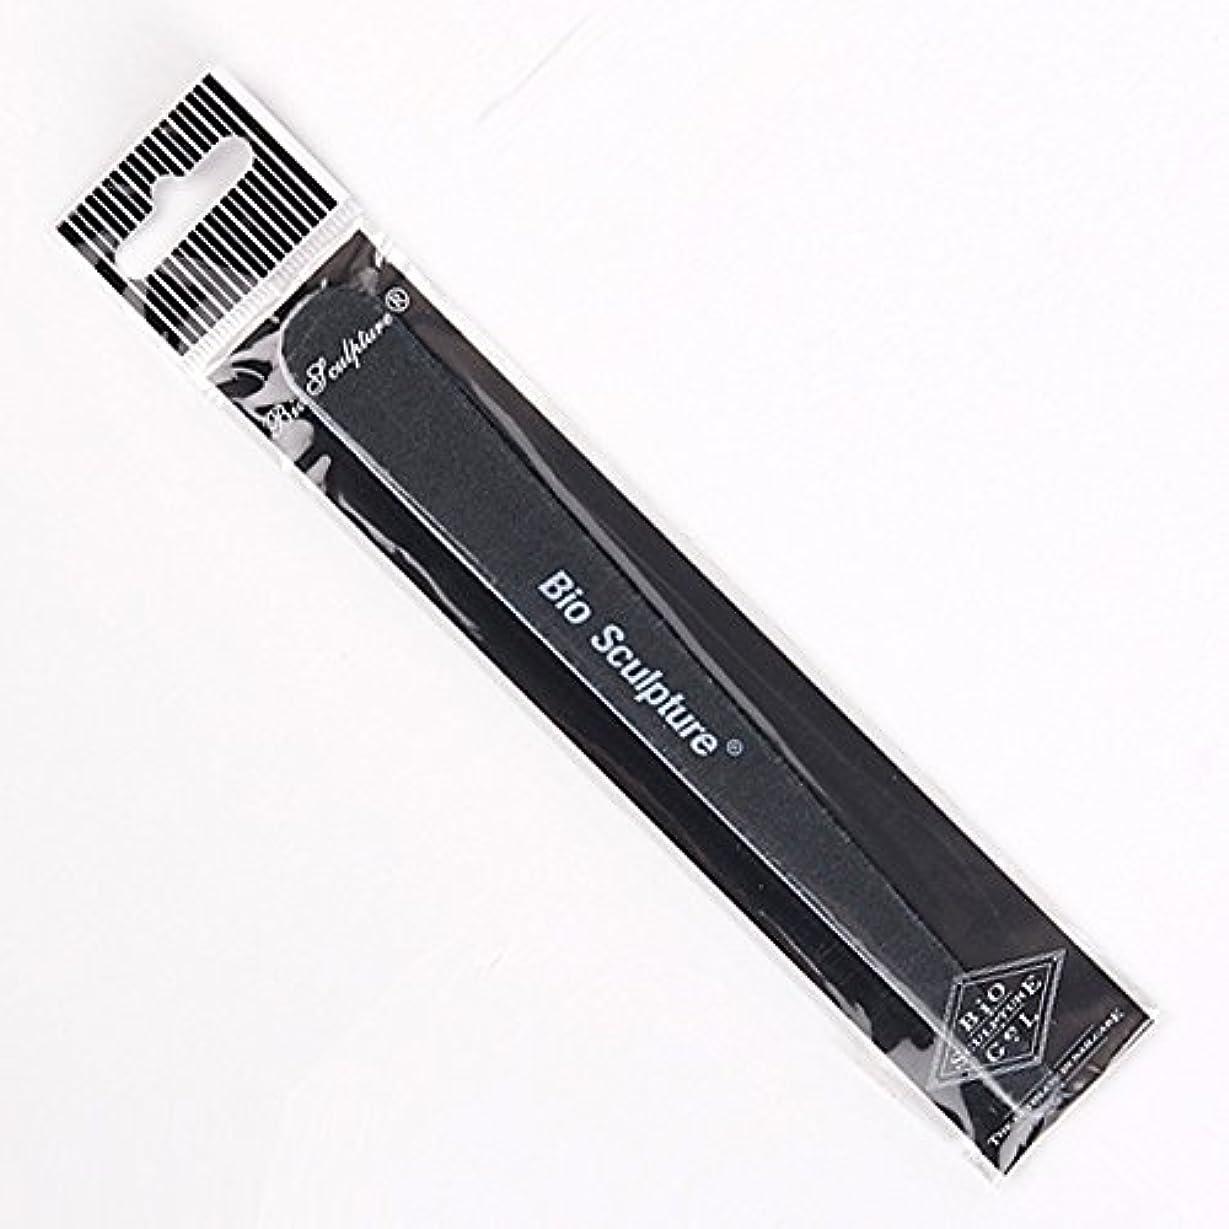 ビジョンクリーク焦がすBiO ネイル ファイル(バッファー/シャイナー)ブラックドロップファイル [180G-200G](ジェルネイル用) /バイオスカルプチュアジェル バイオ ジェルネイル